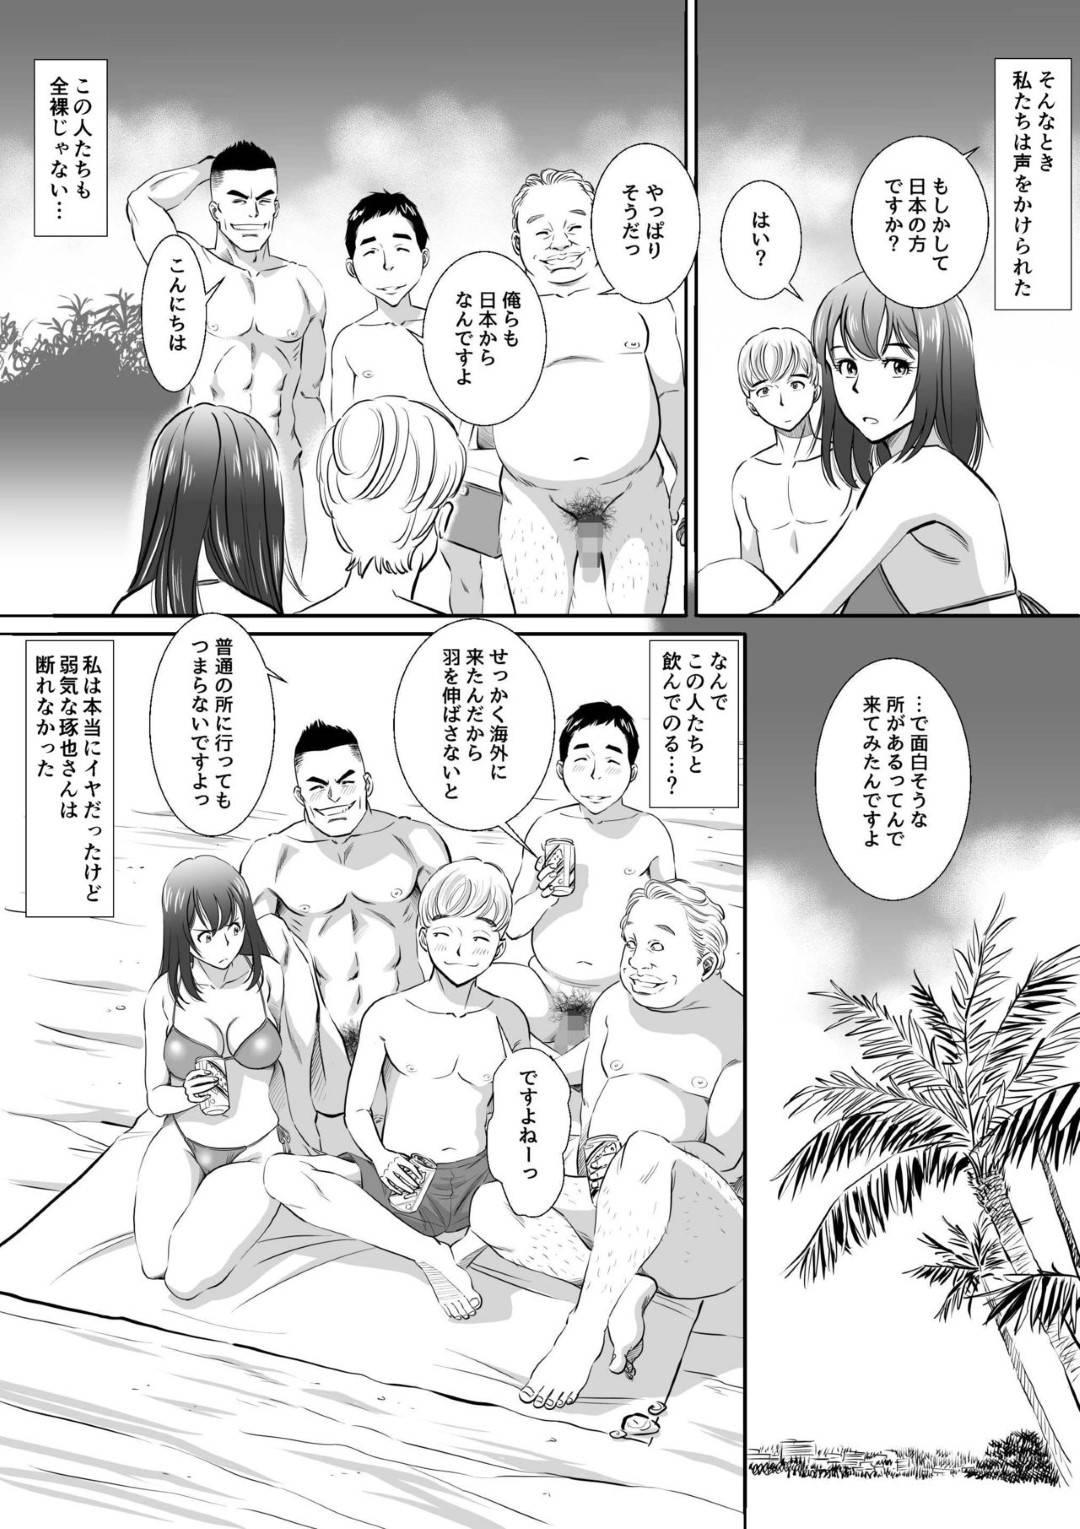 【エロ漫画】新婚旅行で海外に彼氏と来たら、そこはヌーディストビーチでちょっと恥ずかしくなったナナ。琢也の思い付きで普通の所に行ってもつまらないと言われ、新婚旅行のいい思い出作りとして楽しむ事になったが、目のやり場に困る・・そして、そこで出会った日本人と酒を飲む事になって気づいたら旦那は潰れて、一人取り残された私は外人達の前でレイプされる。